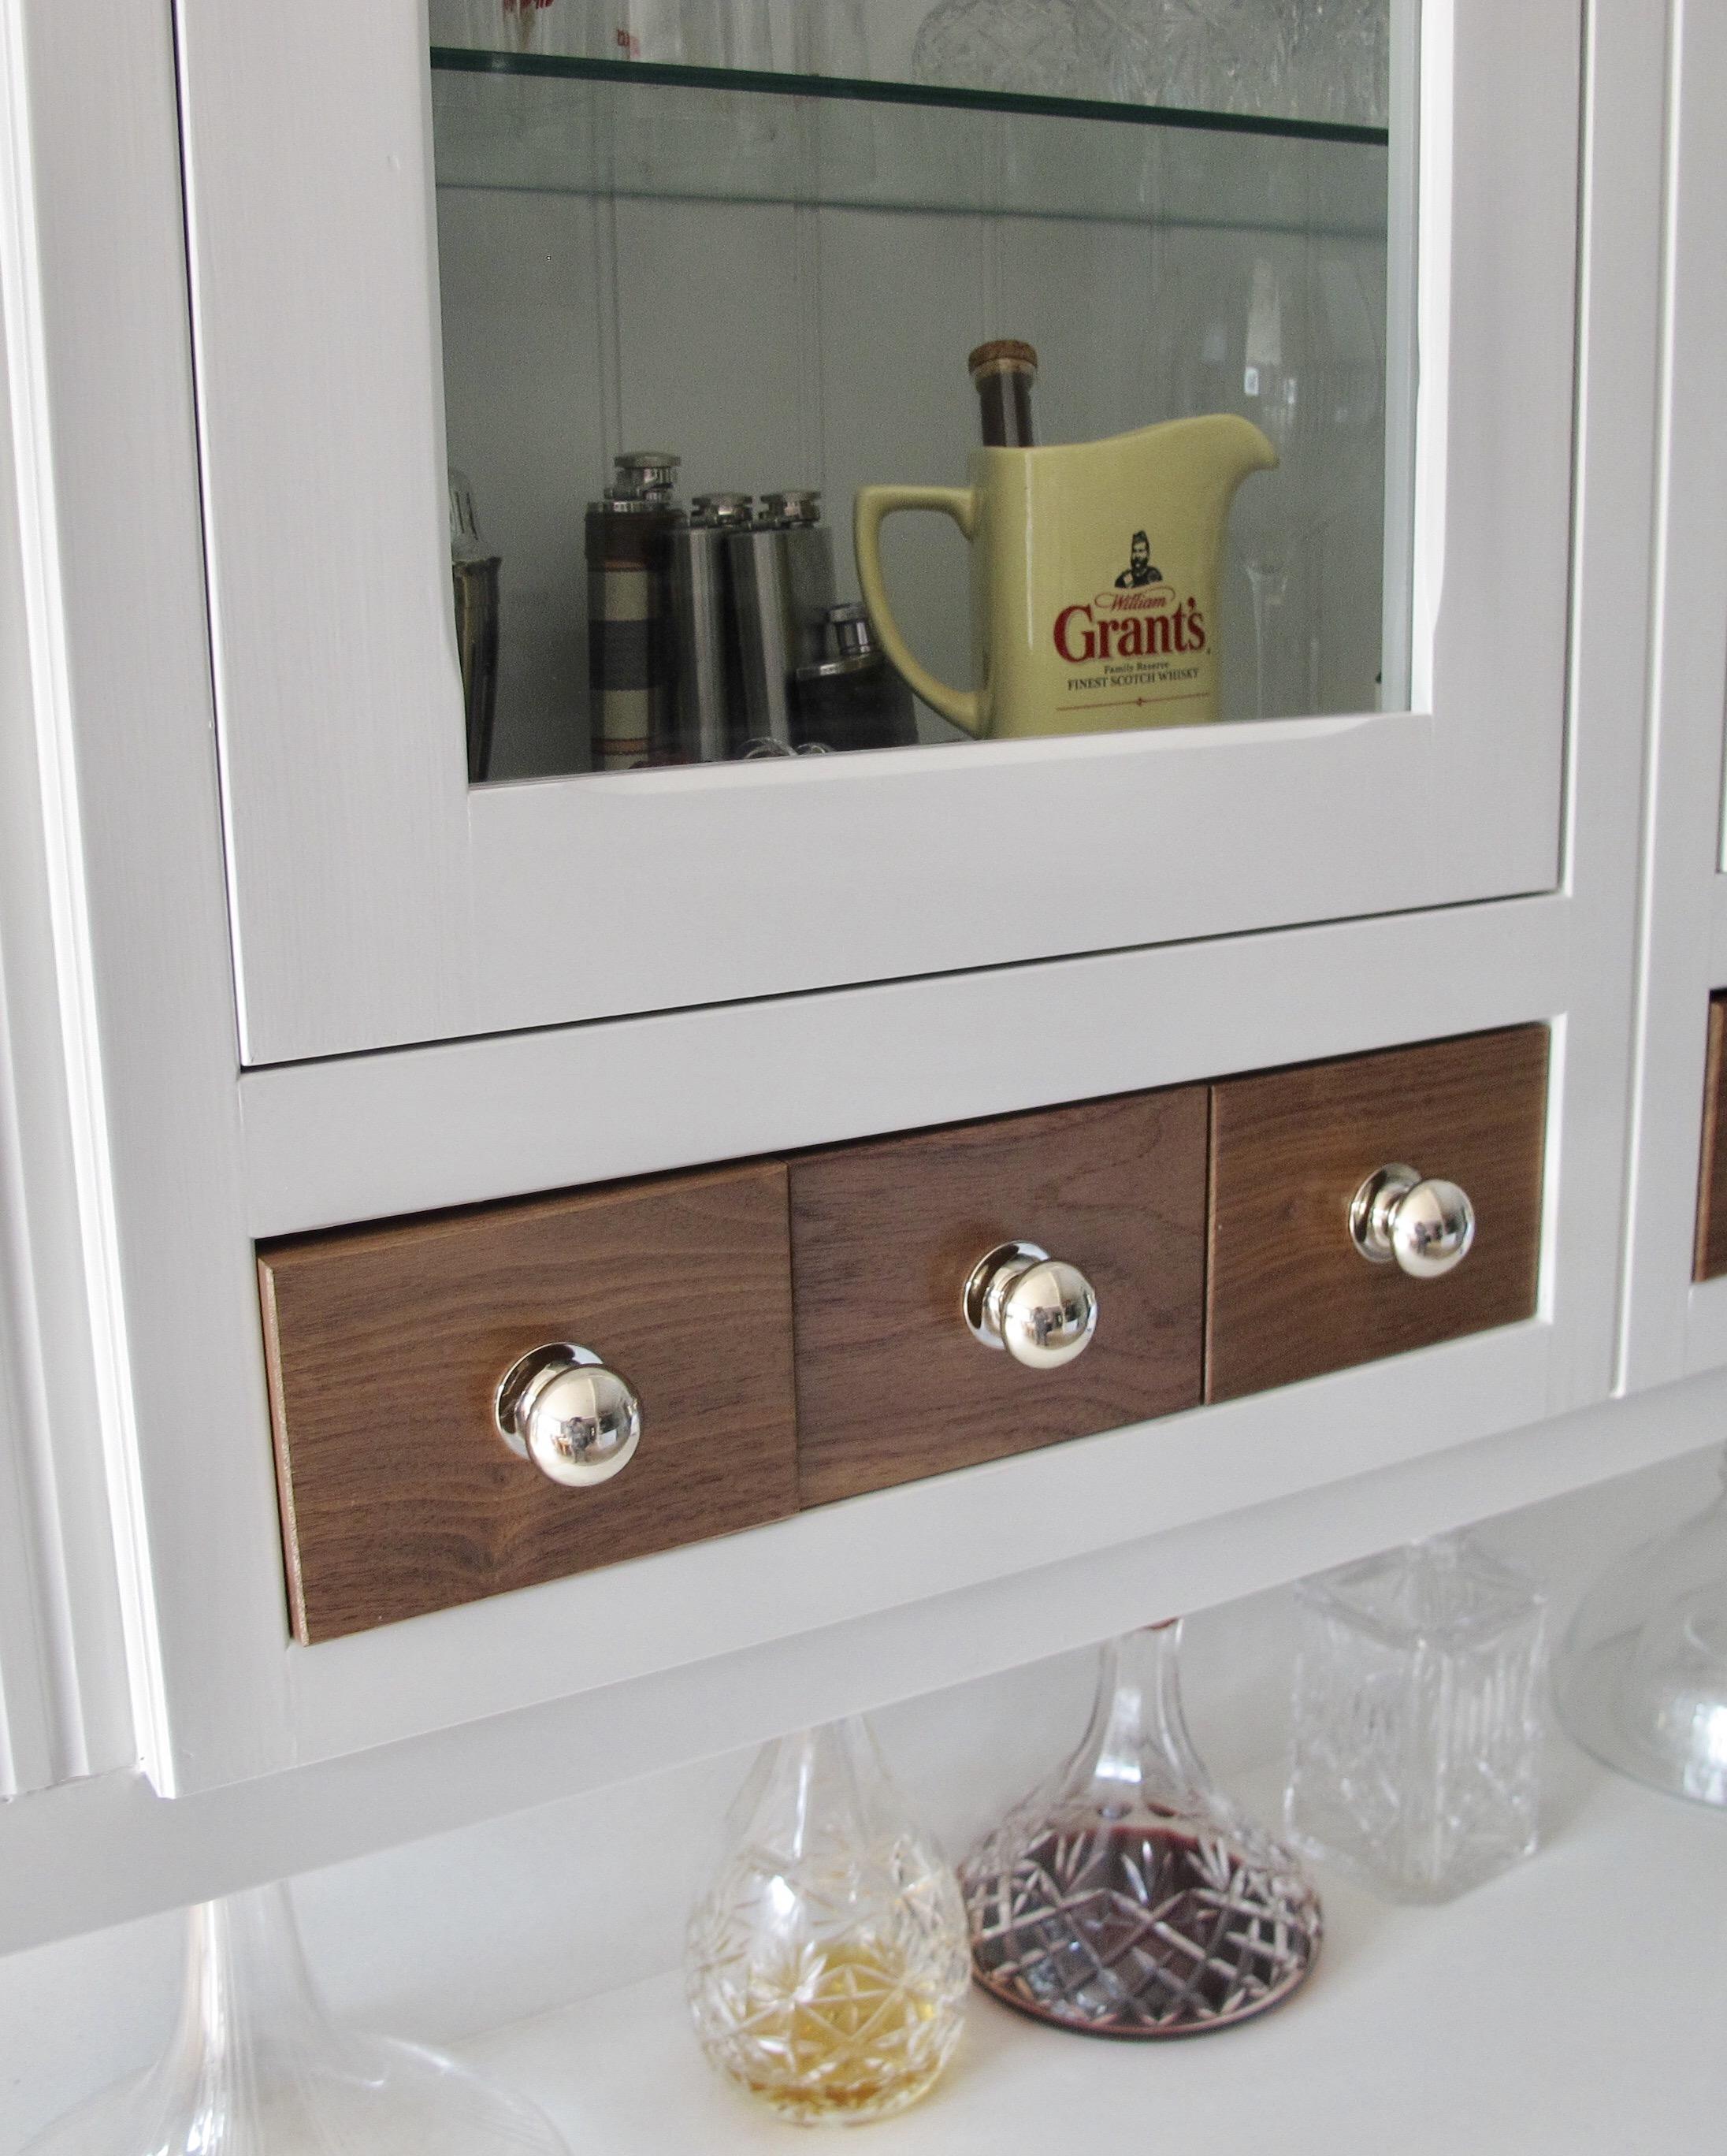 kitchen cabinet painter Manchester - JS Decor